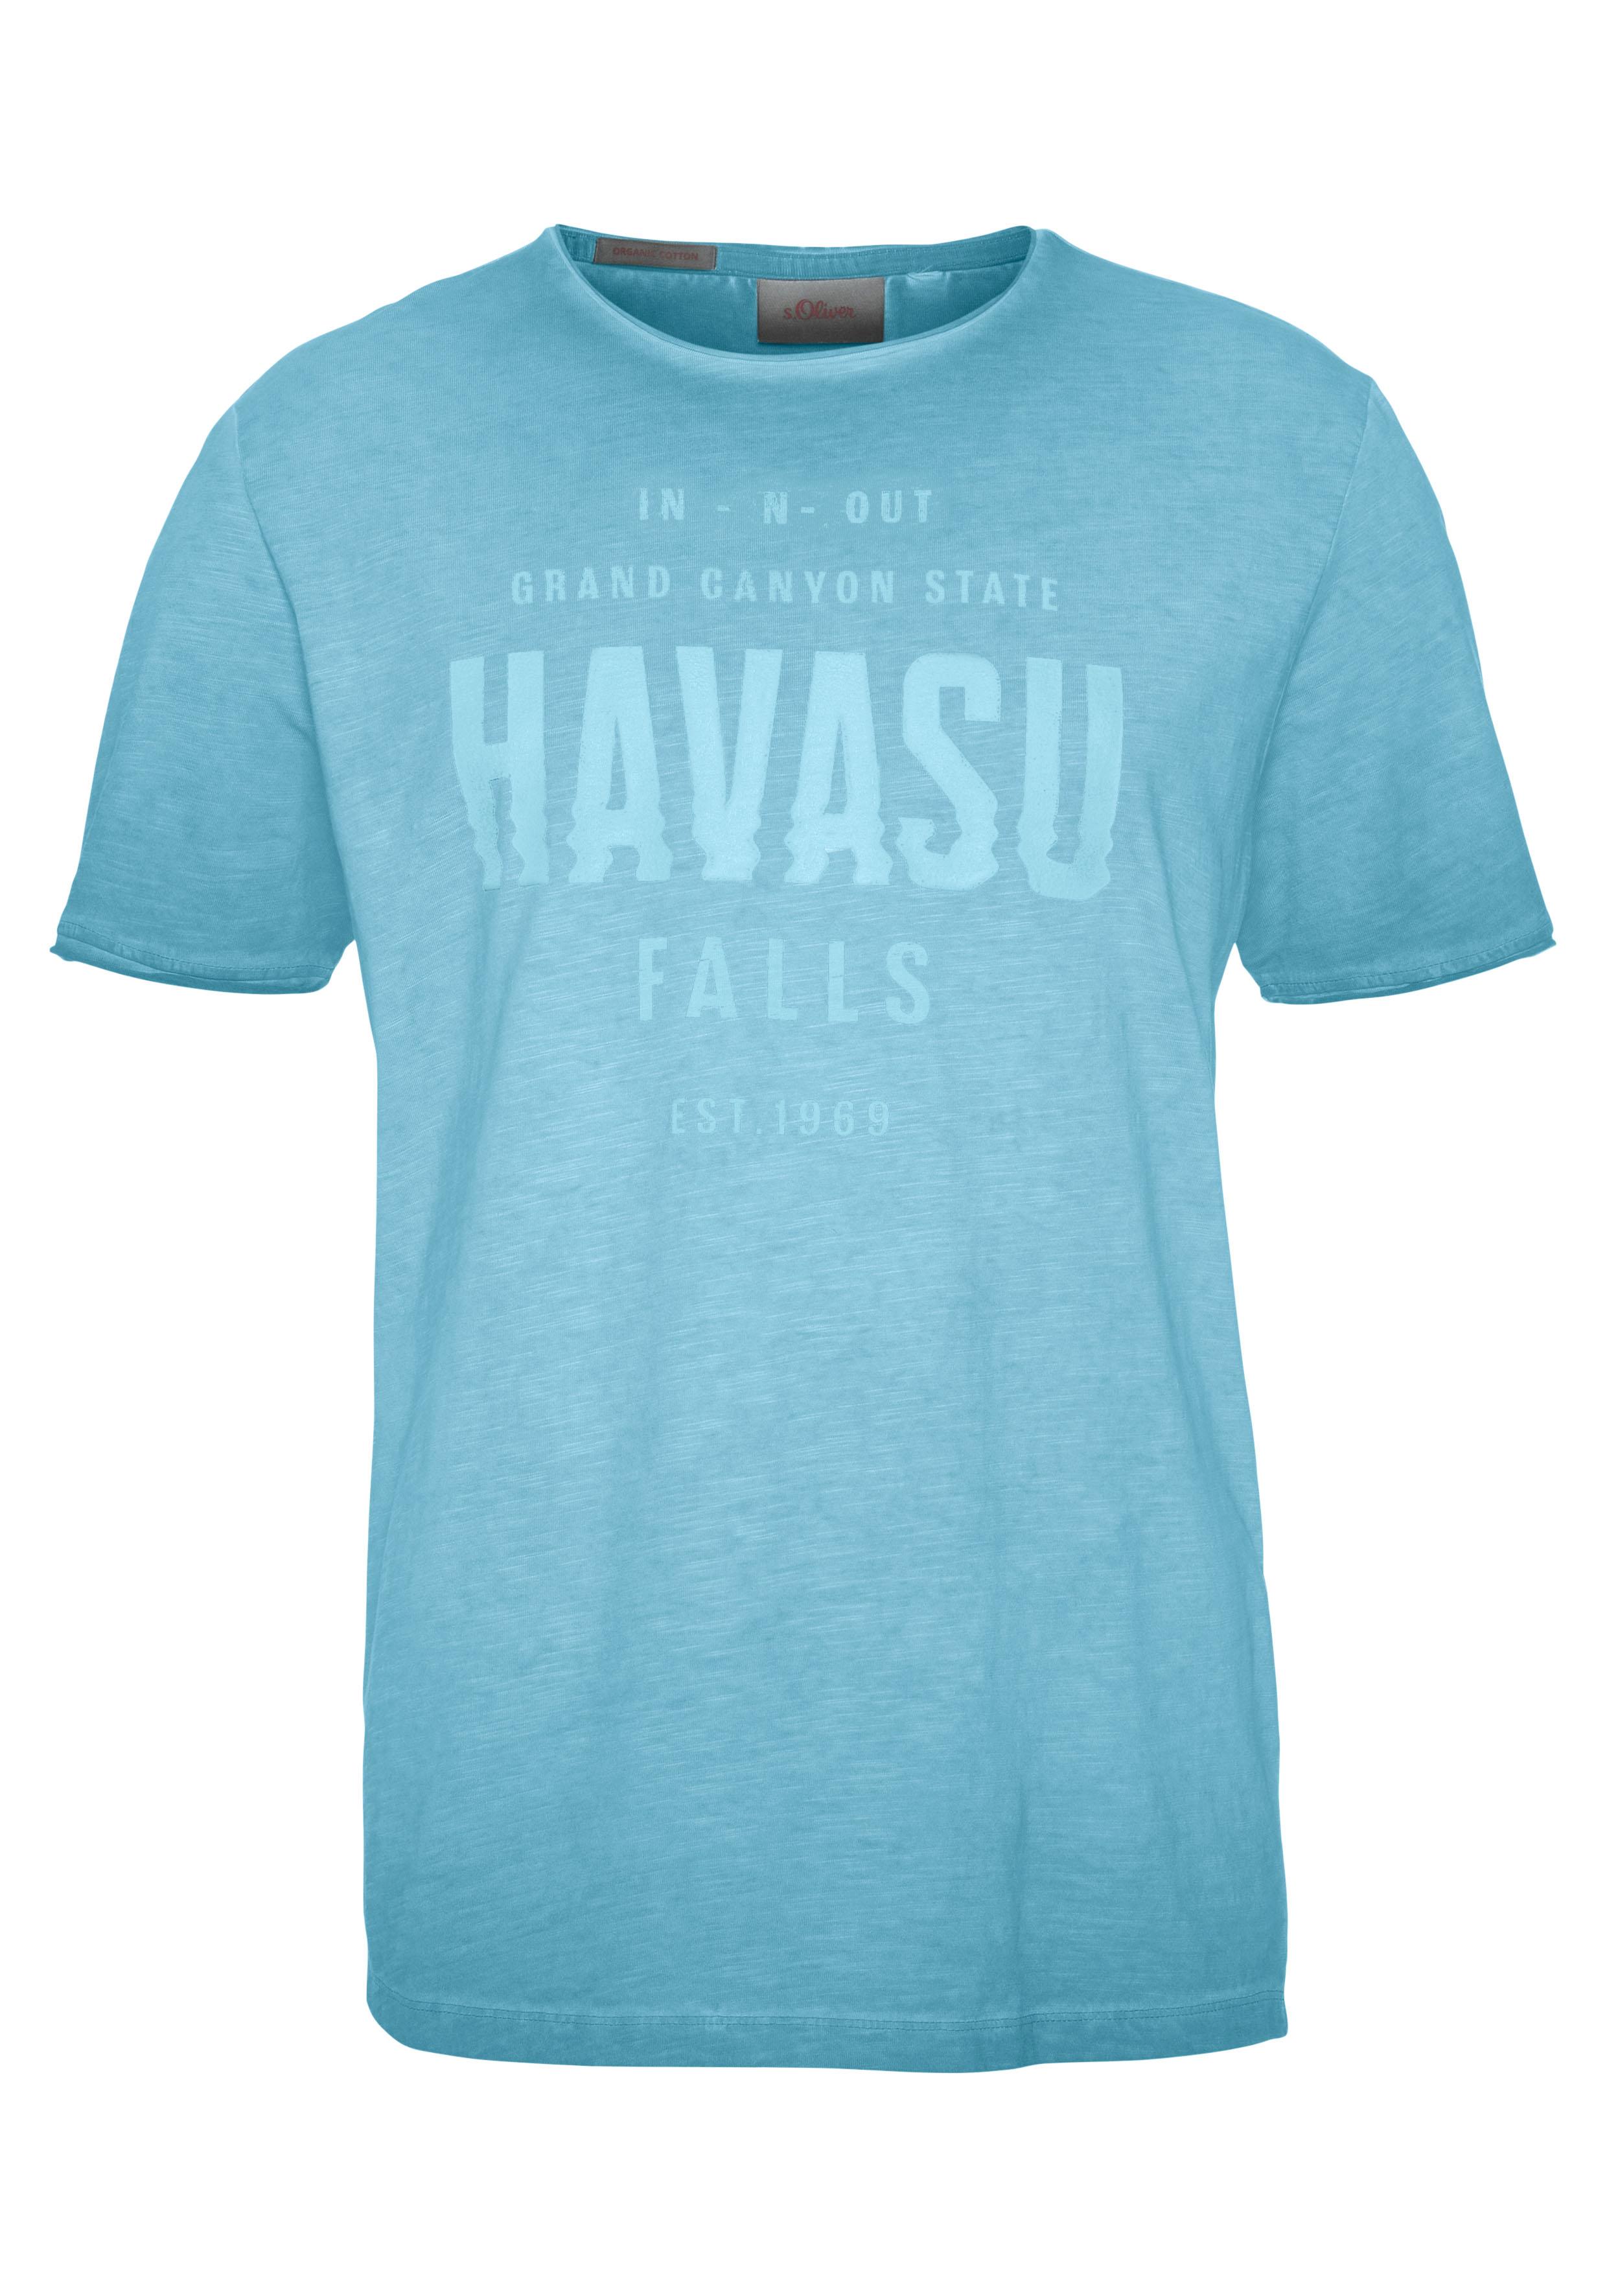 s.oliver -  T-Shirt, Washed-out-Optik